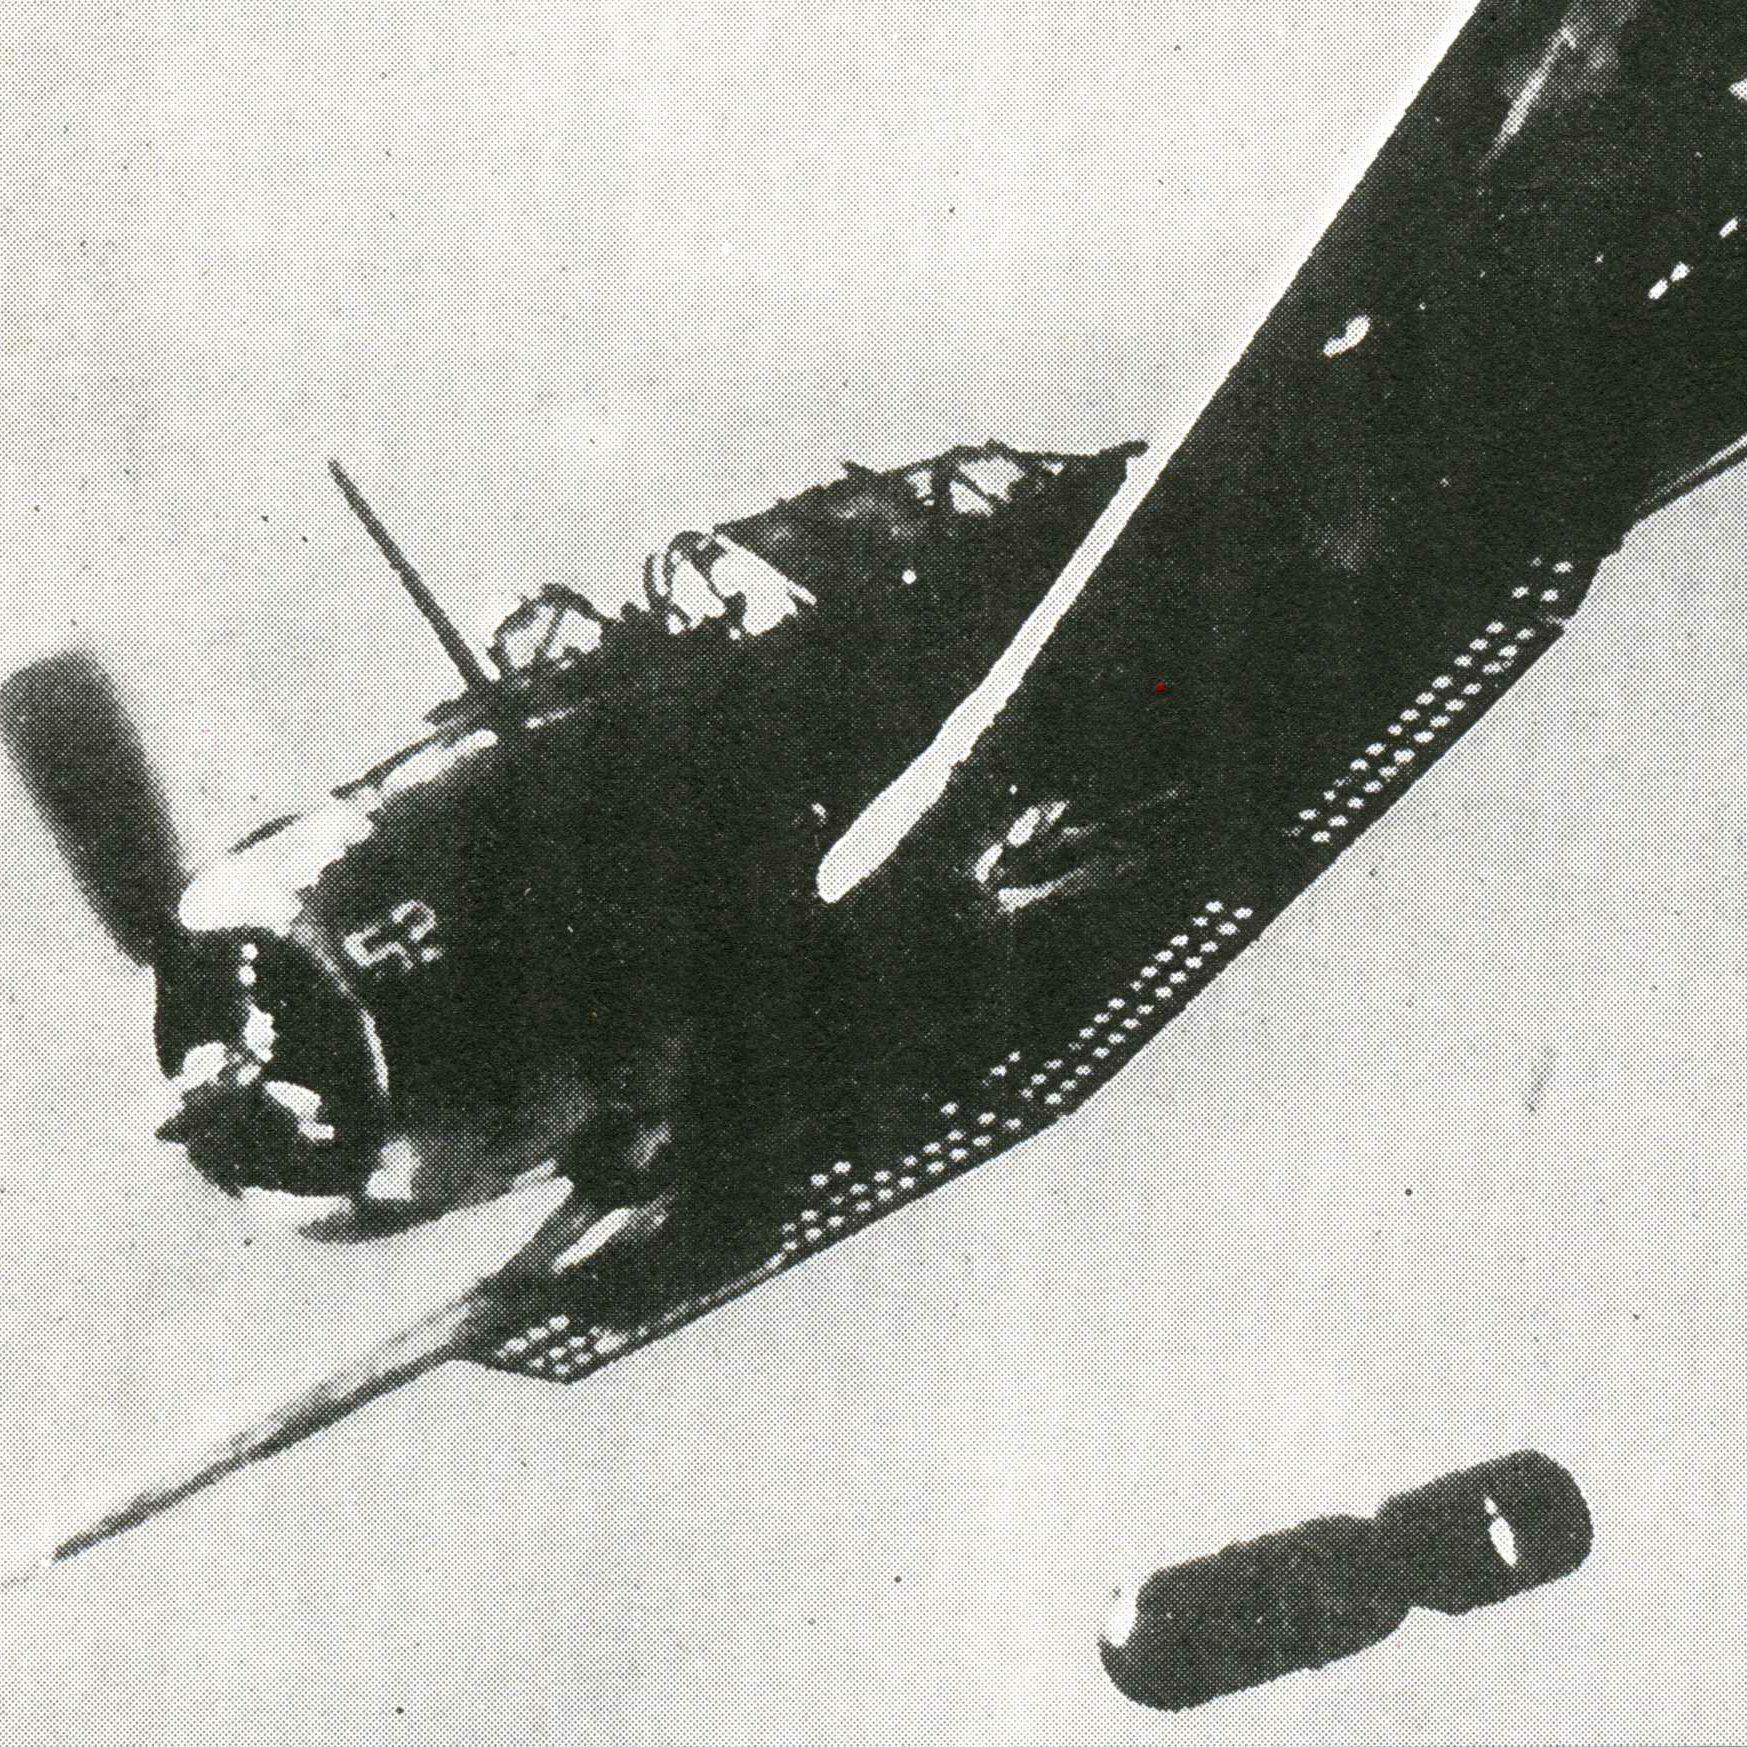 兵装転換中の日本空母が<br />アメリカ軍の奇襲を受ける